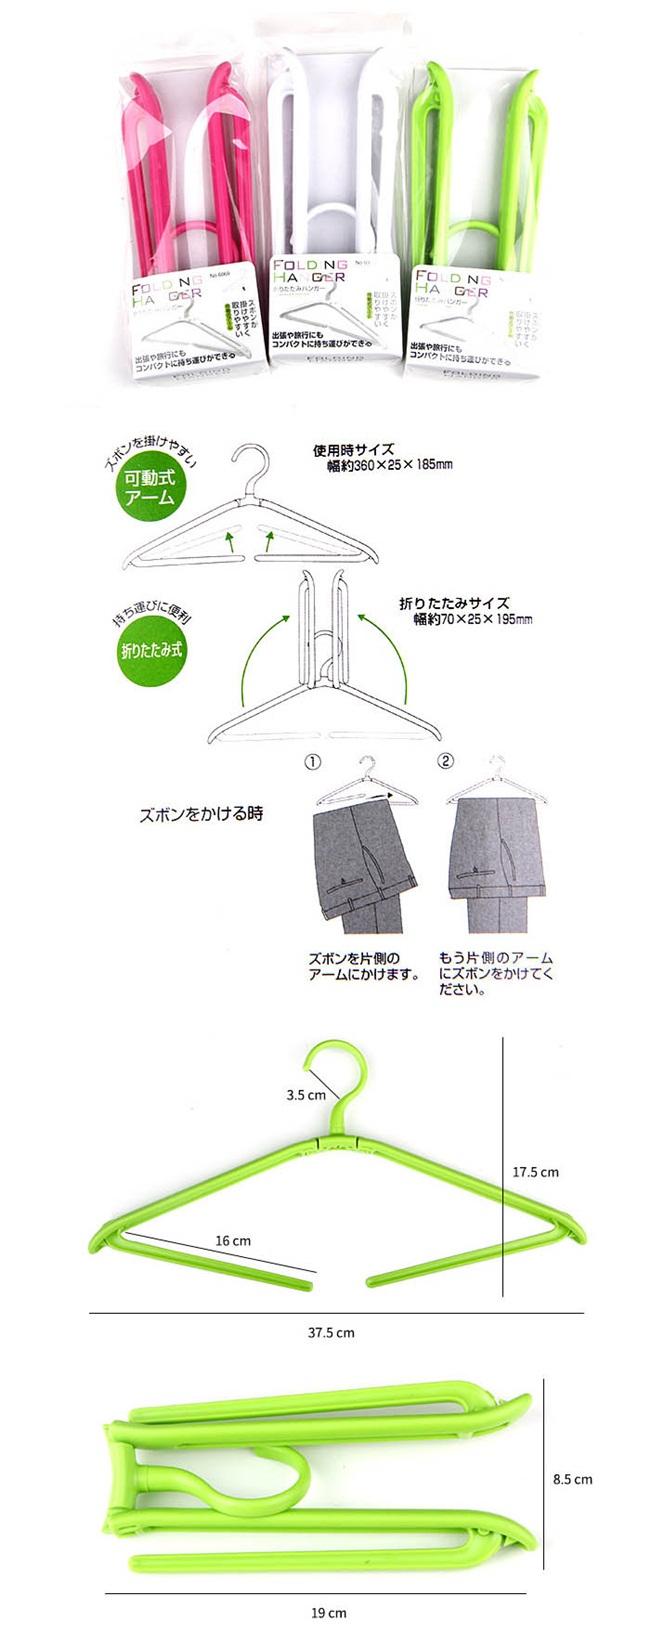 Móc treo quần áo gấp gọn Niheshi chất liệu nhựa tổng hợp, nhiều màu sắc bắt mắt. Đặc biệt, Phần khung có thể gấp gọn, tiết kiệm diện tích, dễ dàng lưu trữ với giá 45.000 đồng.